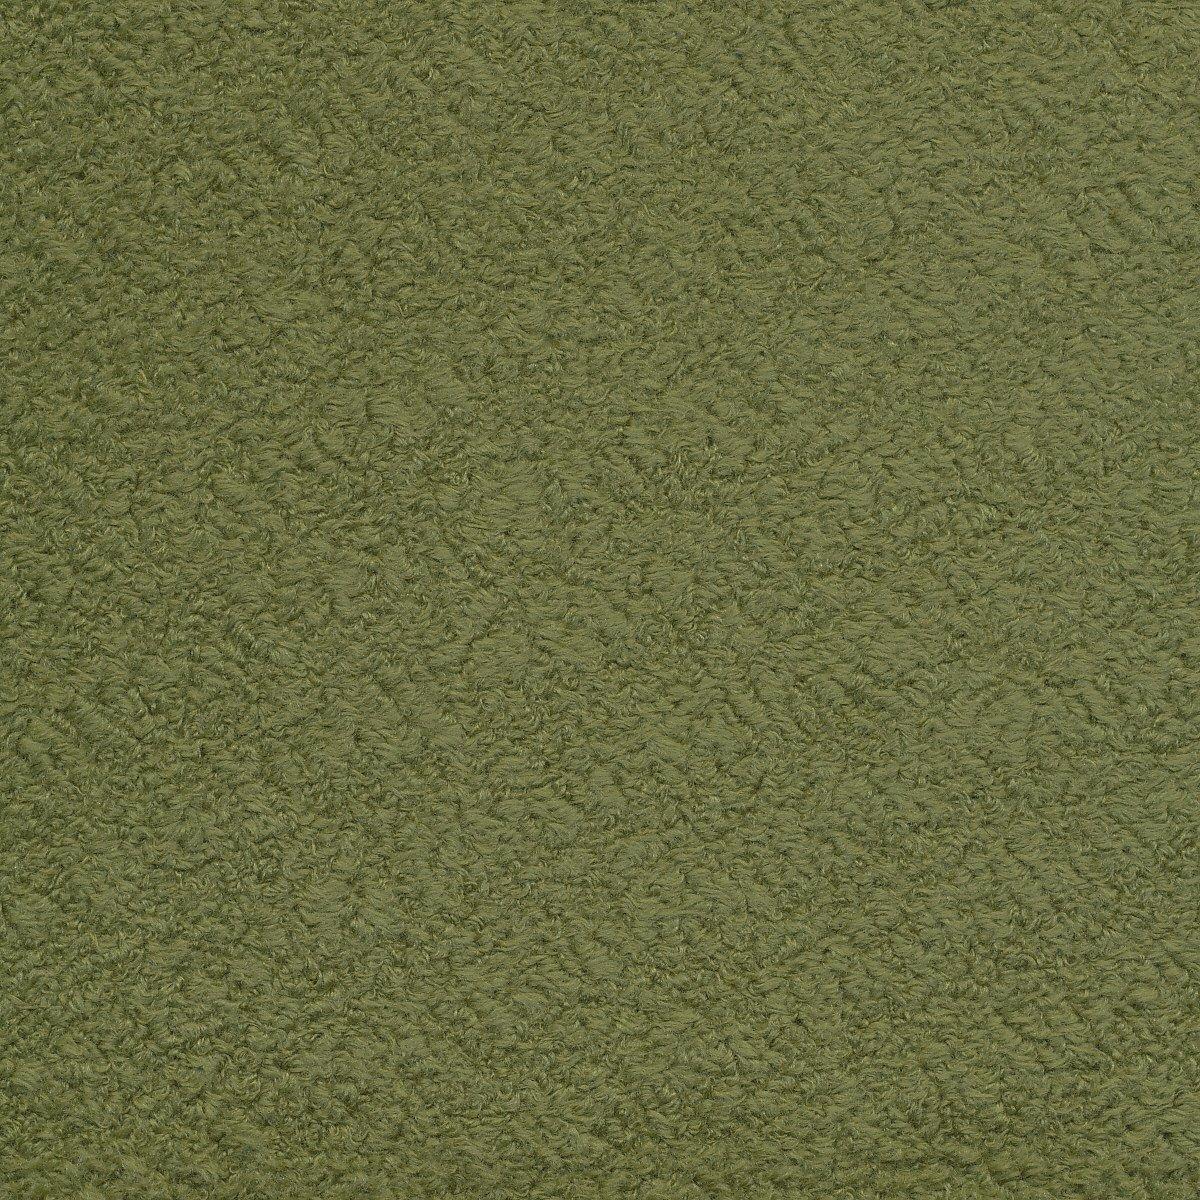 Moda Fireside 60 Polyester Wide Back - Deep Olive (Min order of 1m)